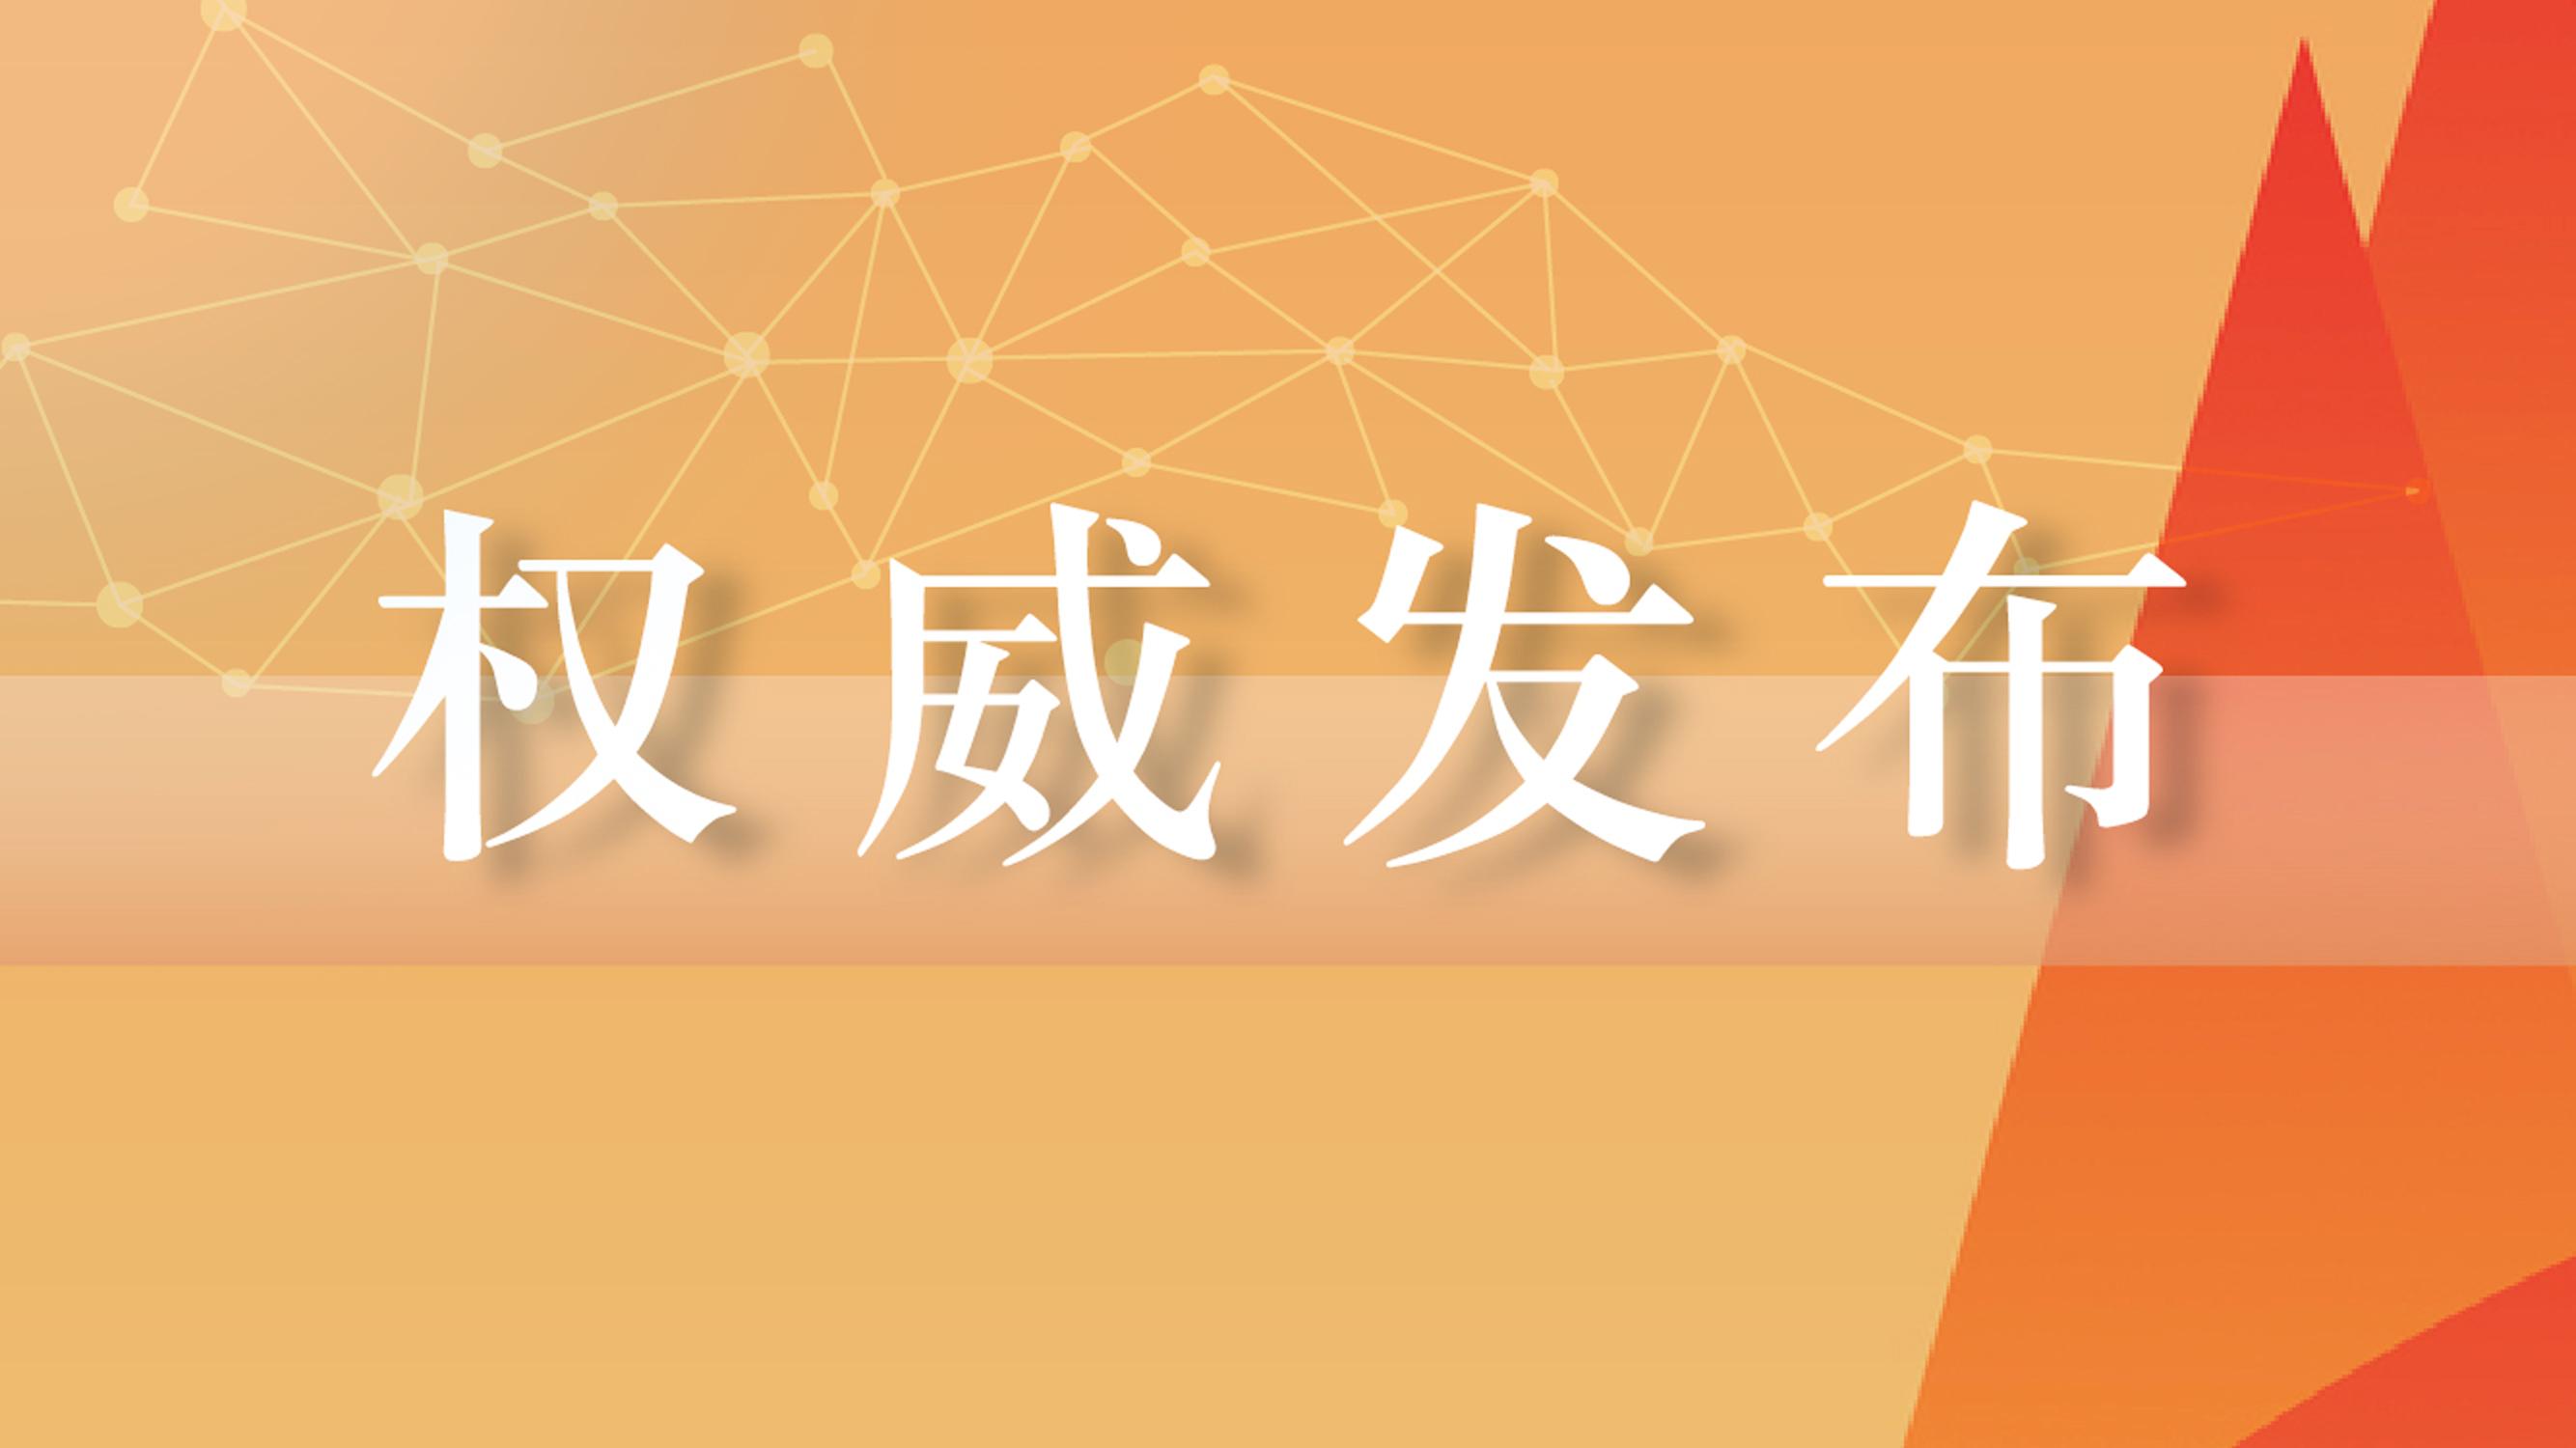 自贡市农业农村局原党委委员、副局长张维纲 严重违纪违法被开除党籍和公职